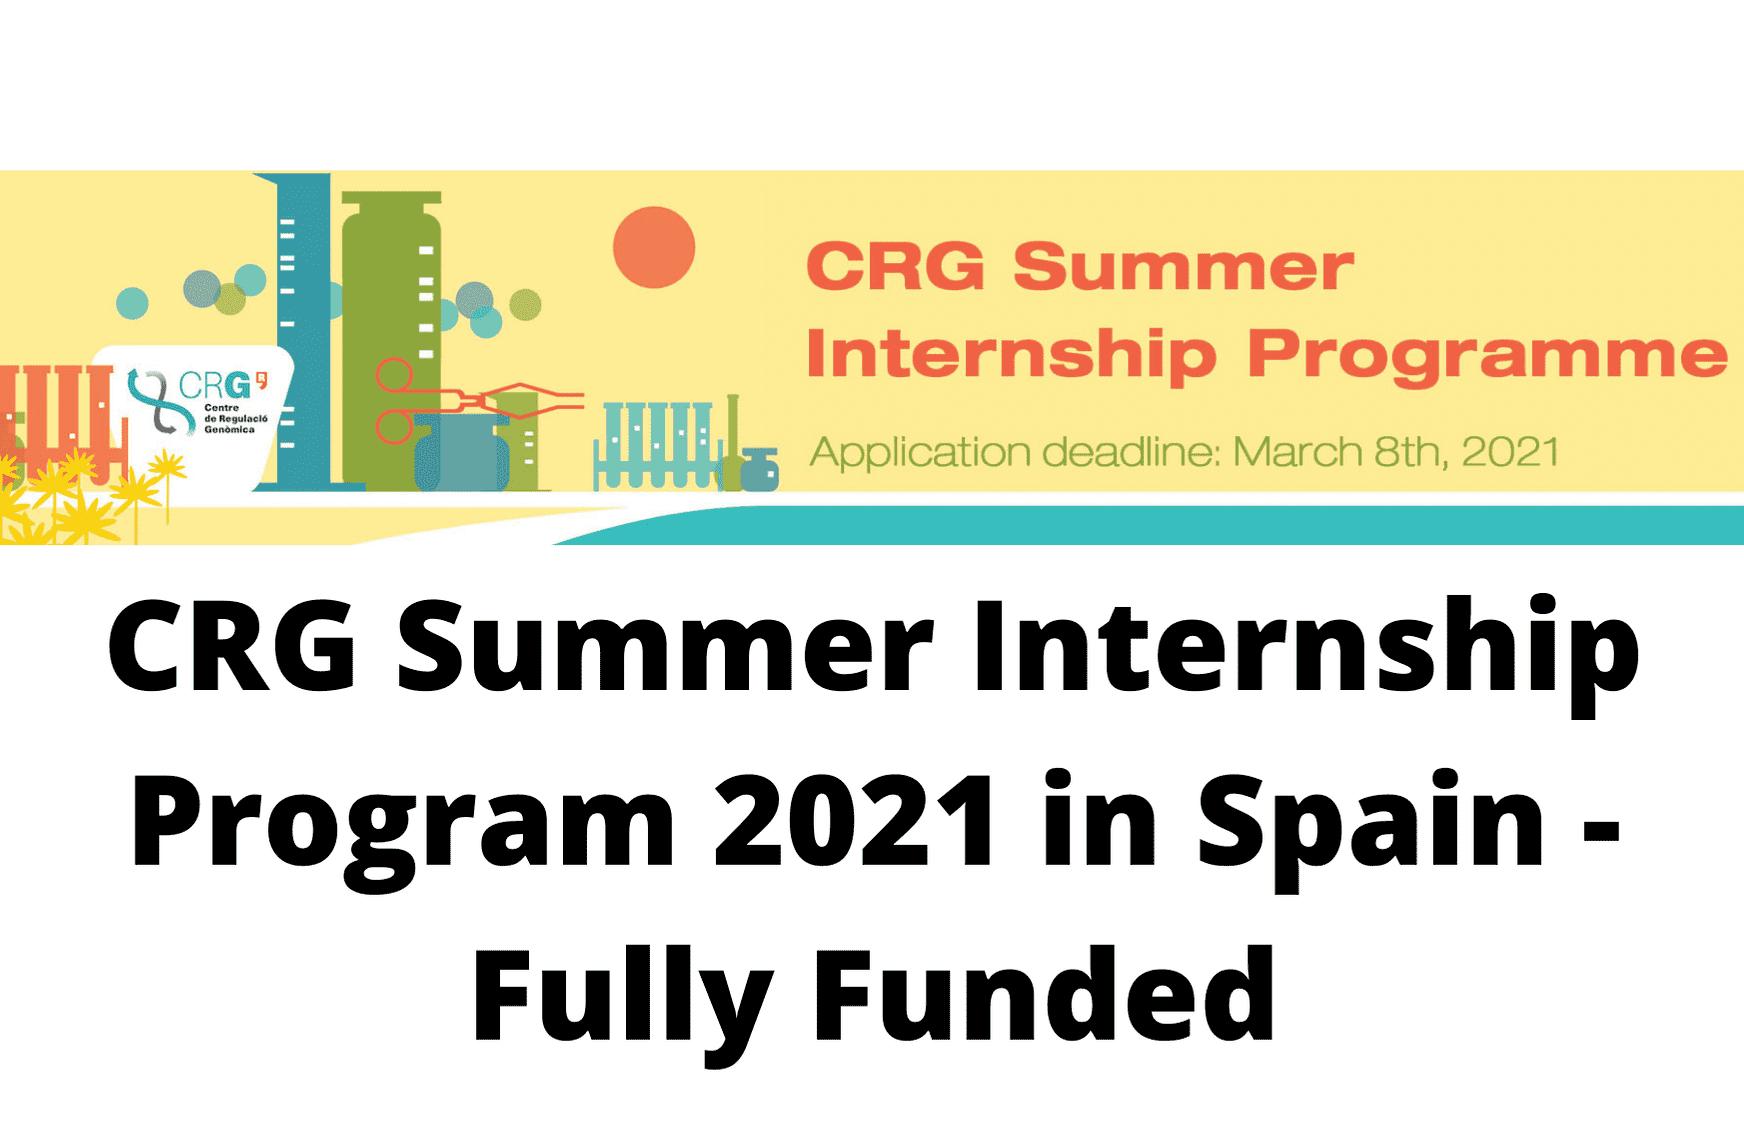 برنامج التدريب الصيفي CRG الممول بالكامل لطلاب البكالوريوس والماجستير في إسبانيا 2021